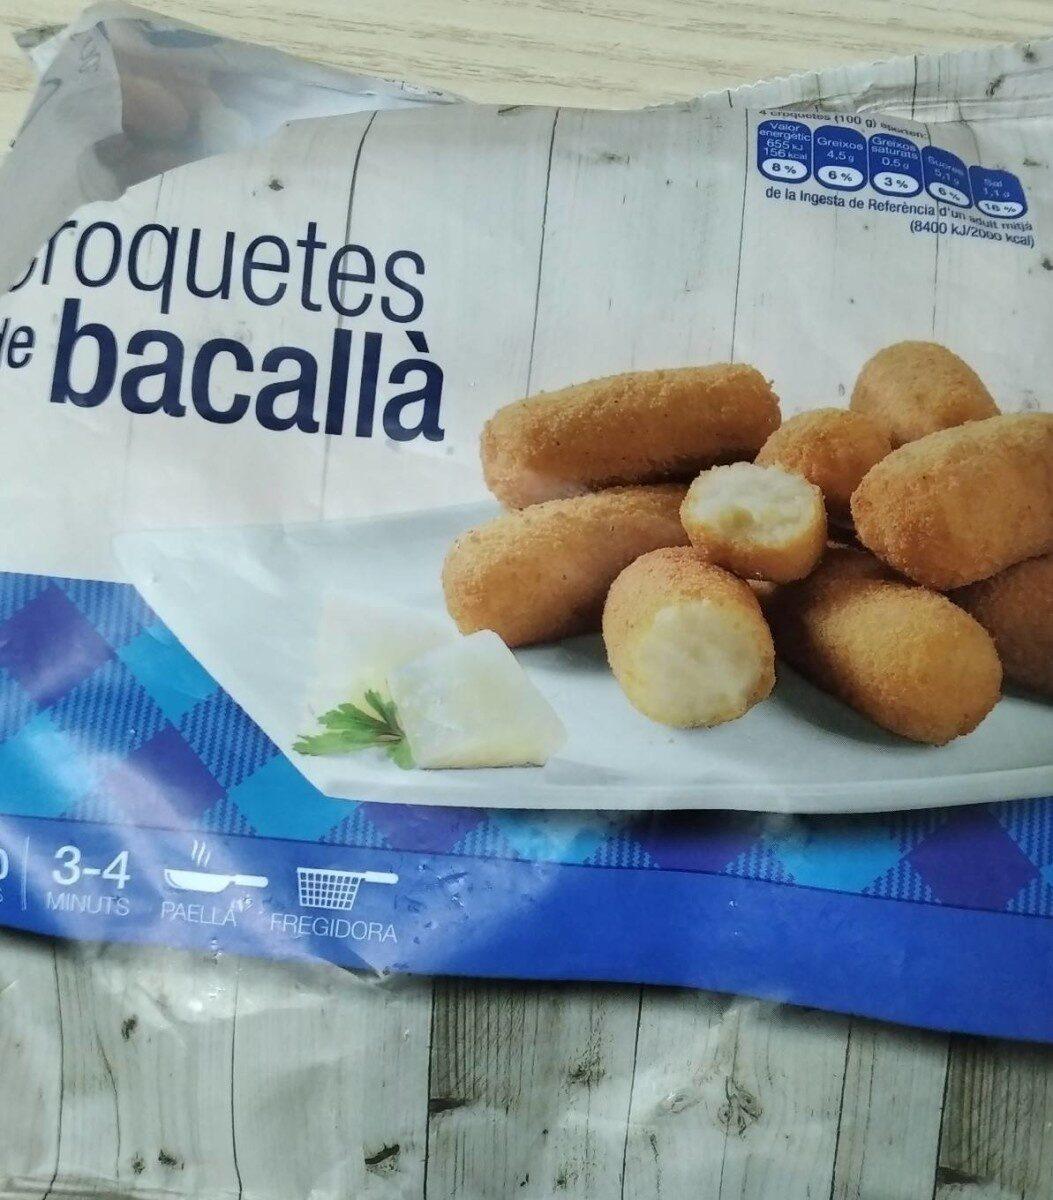 Croquetes de bacallà - Product - es